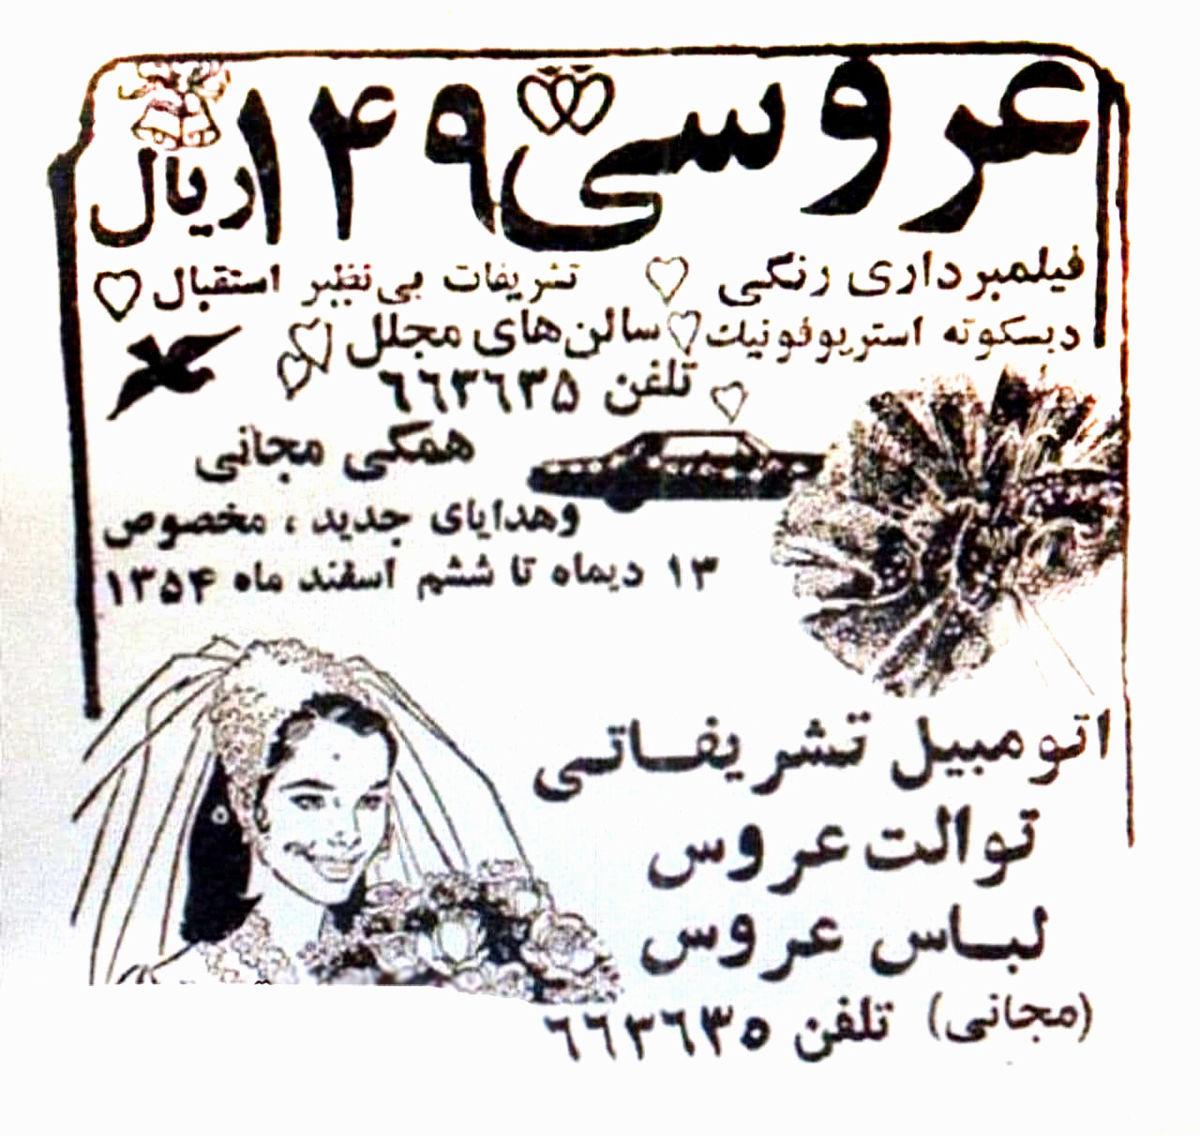 تصویری از یک آگهی عروسی باورنکردنی در سال ۵۴